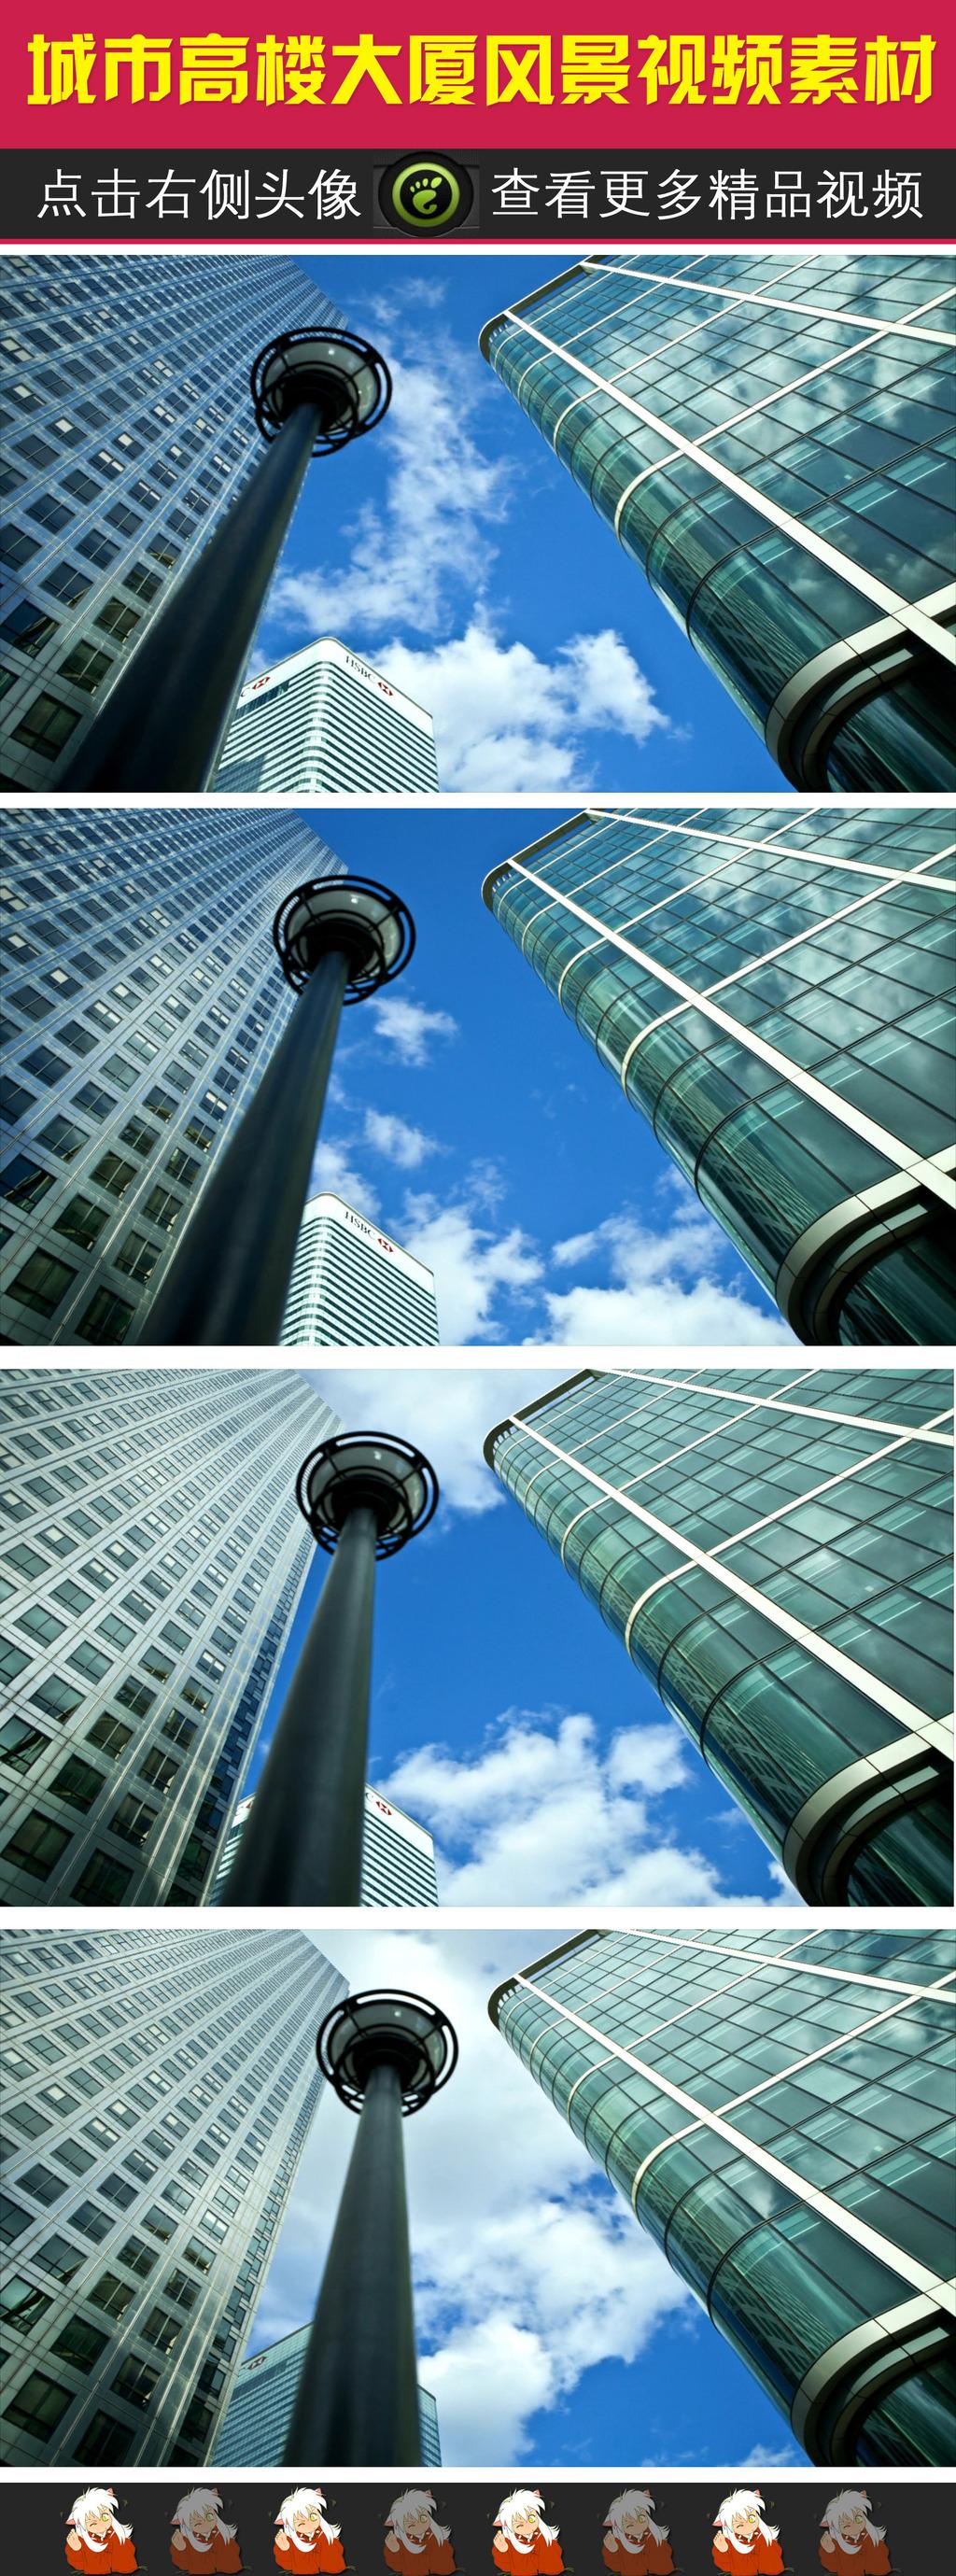 视频素材 动态视频素材 动态|特效|背景视频素材 > 城市高楼大厦风景